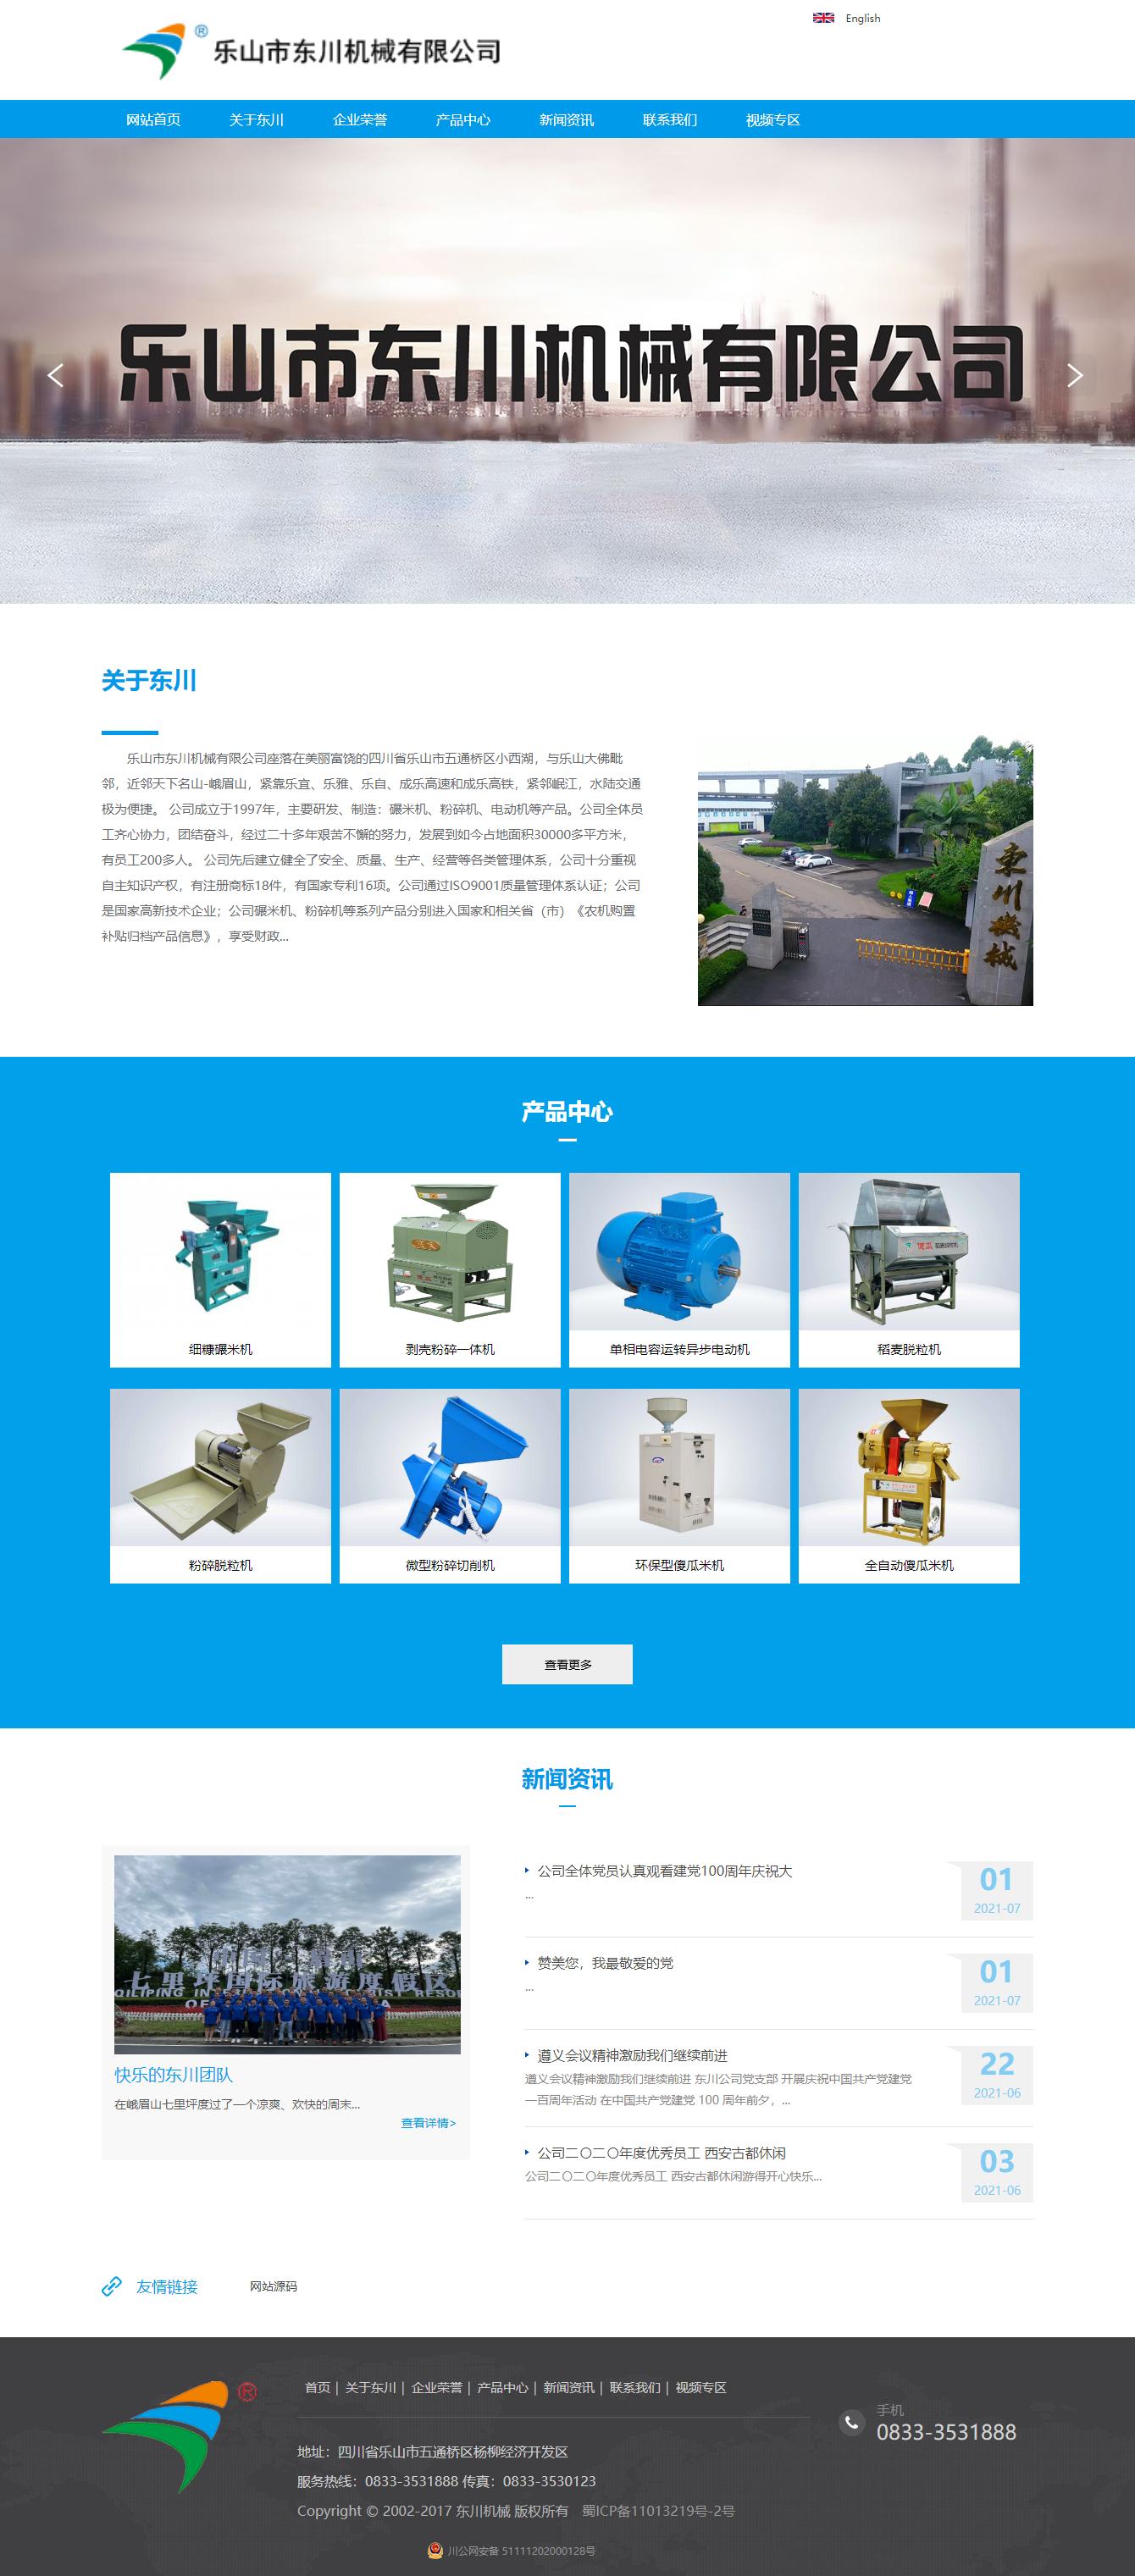 乐山市东川机械有限公司网站案例